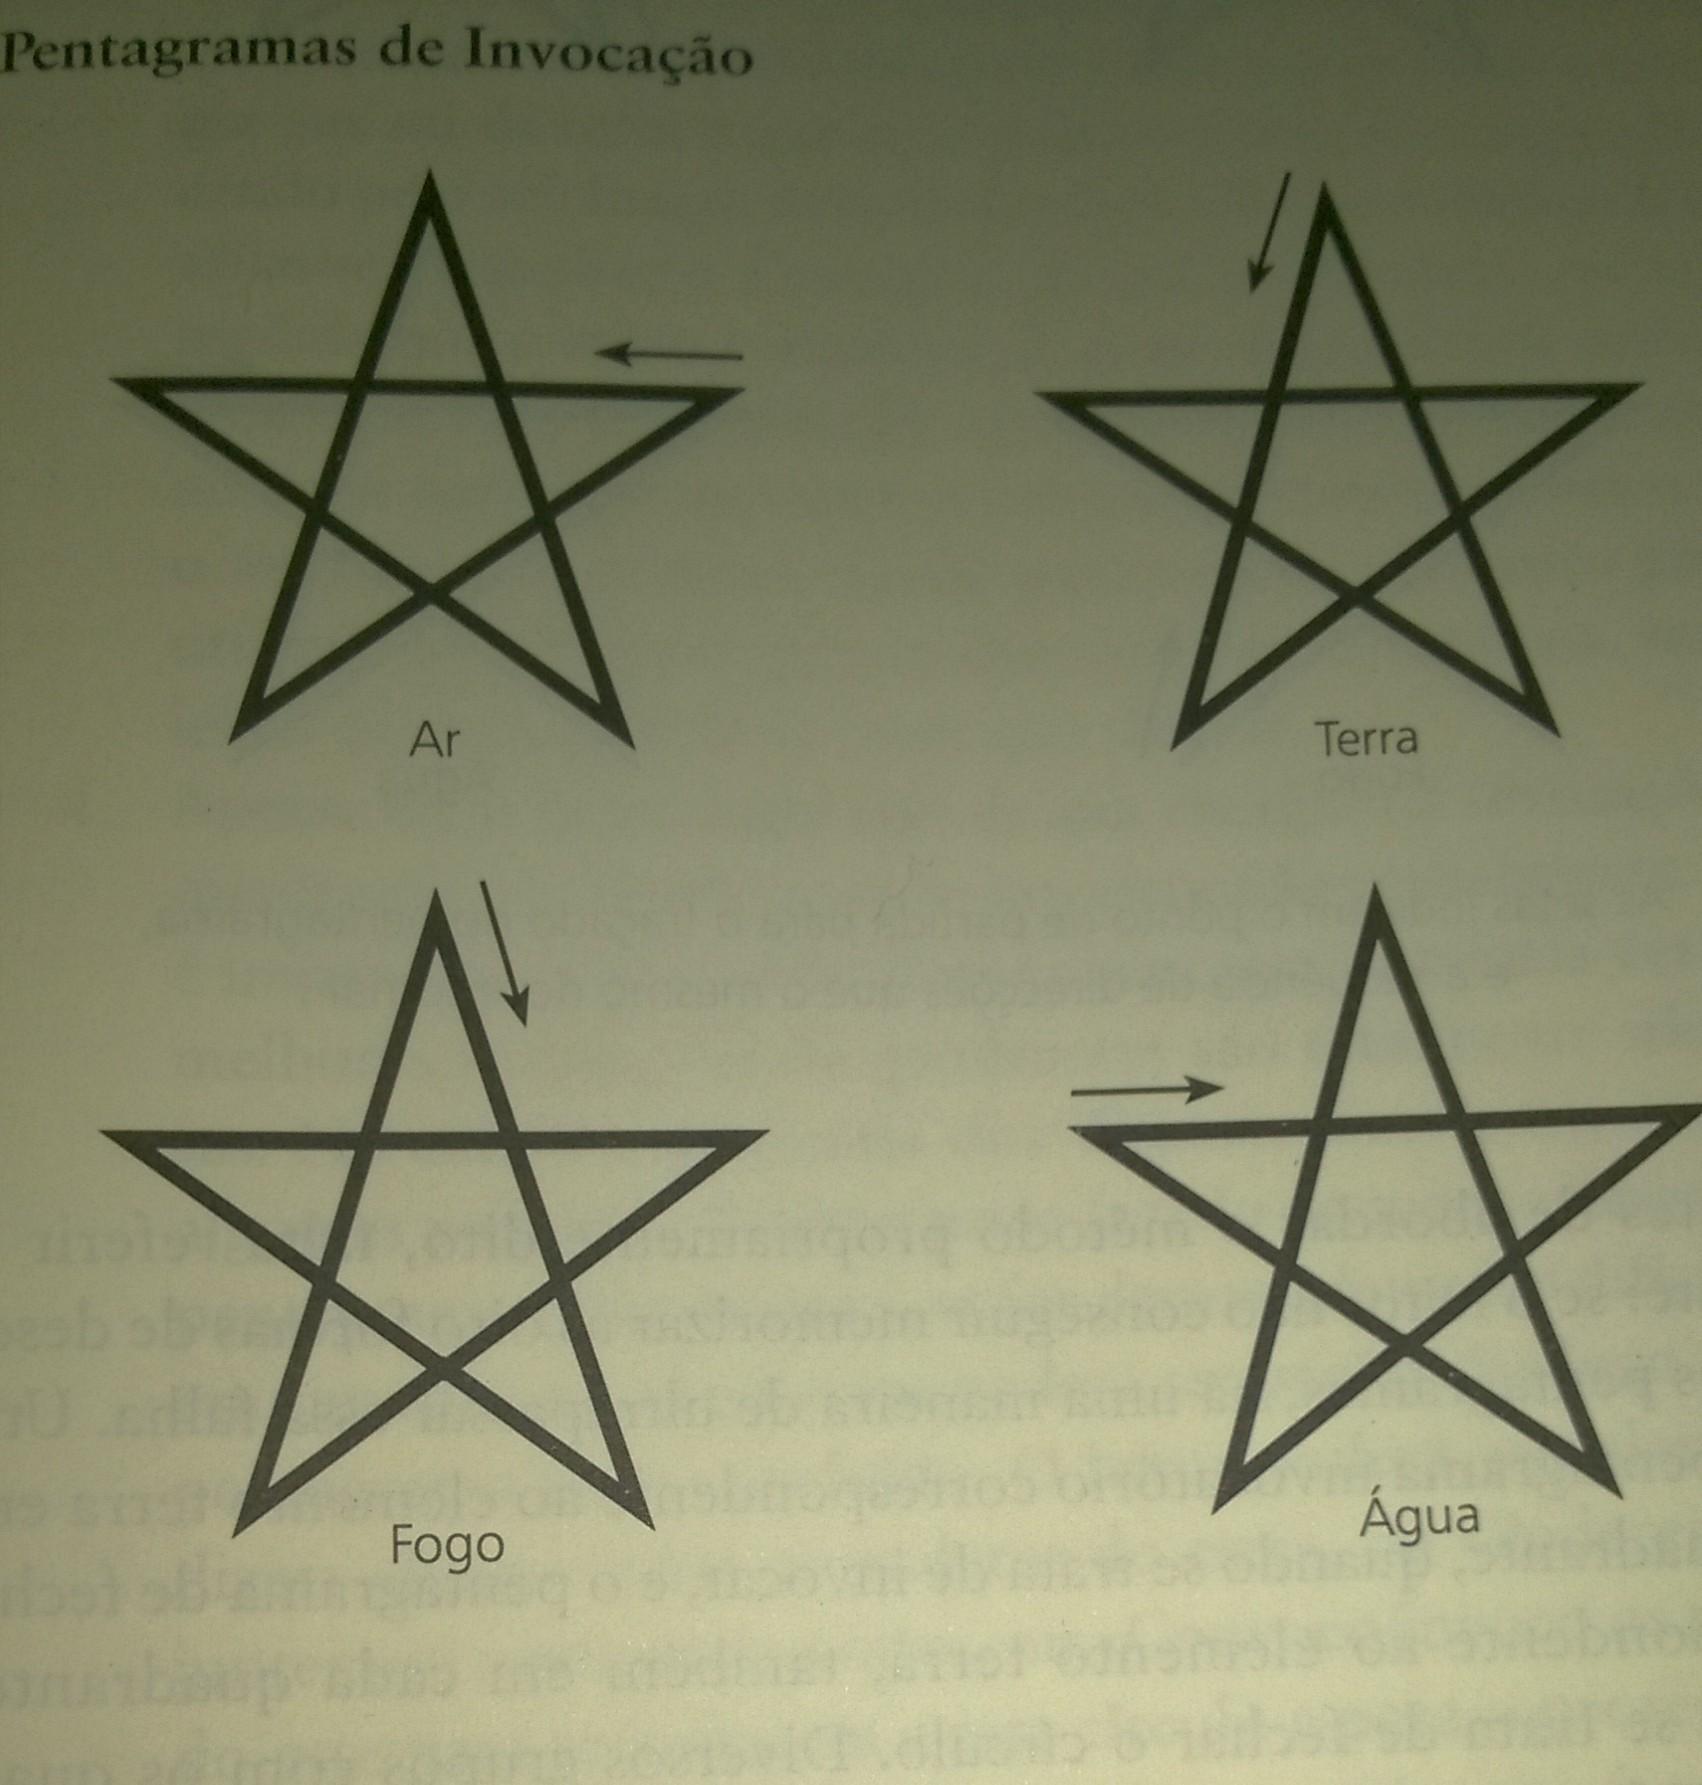 Pentagrama de Invocação